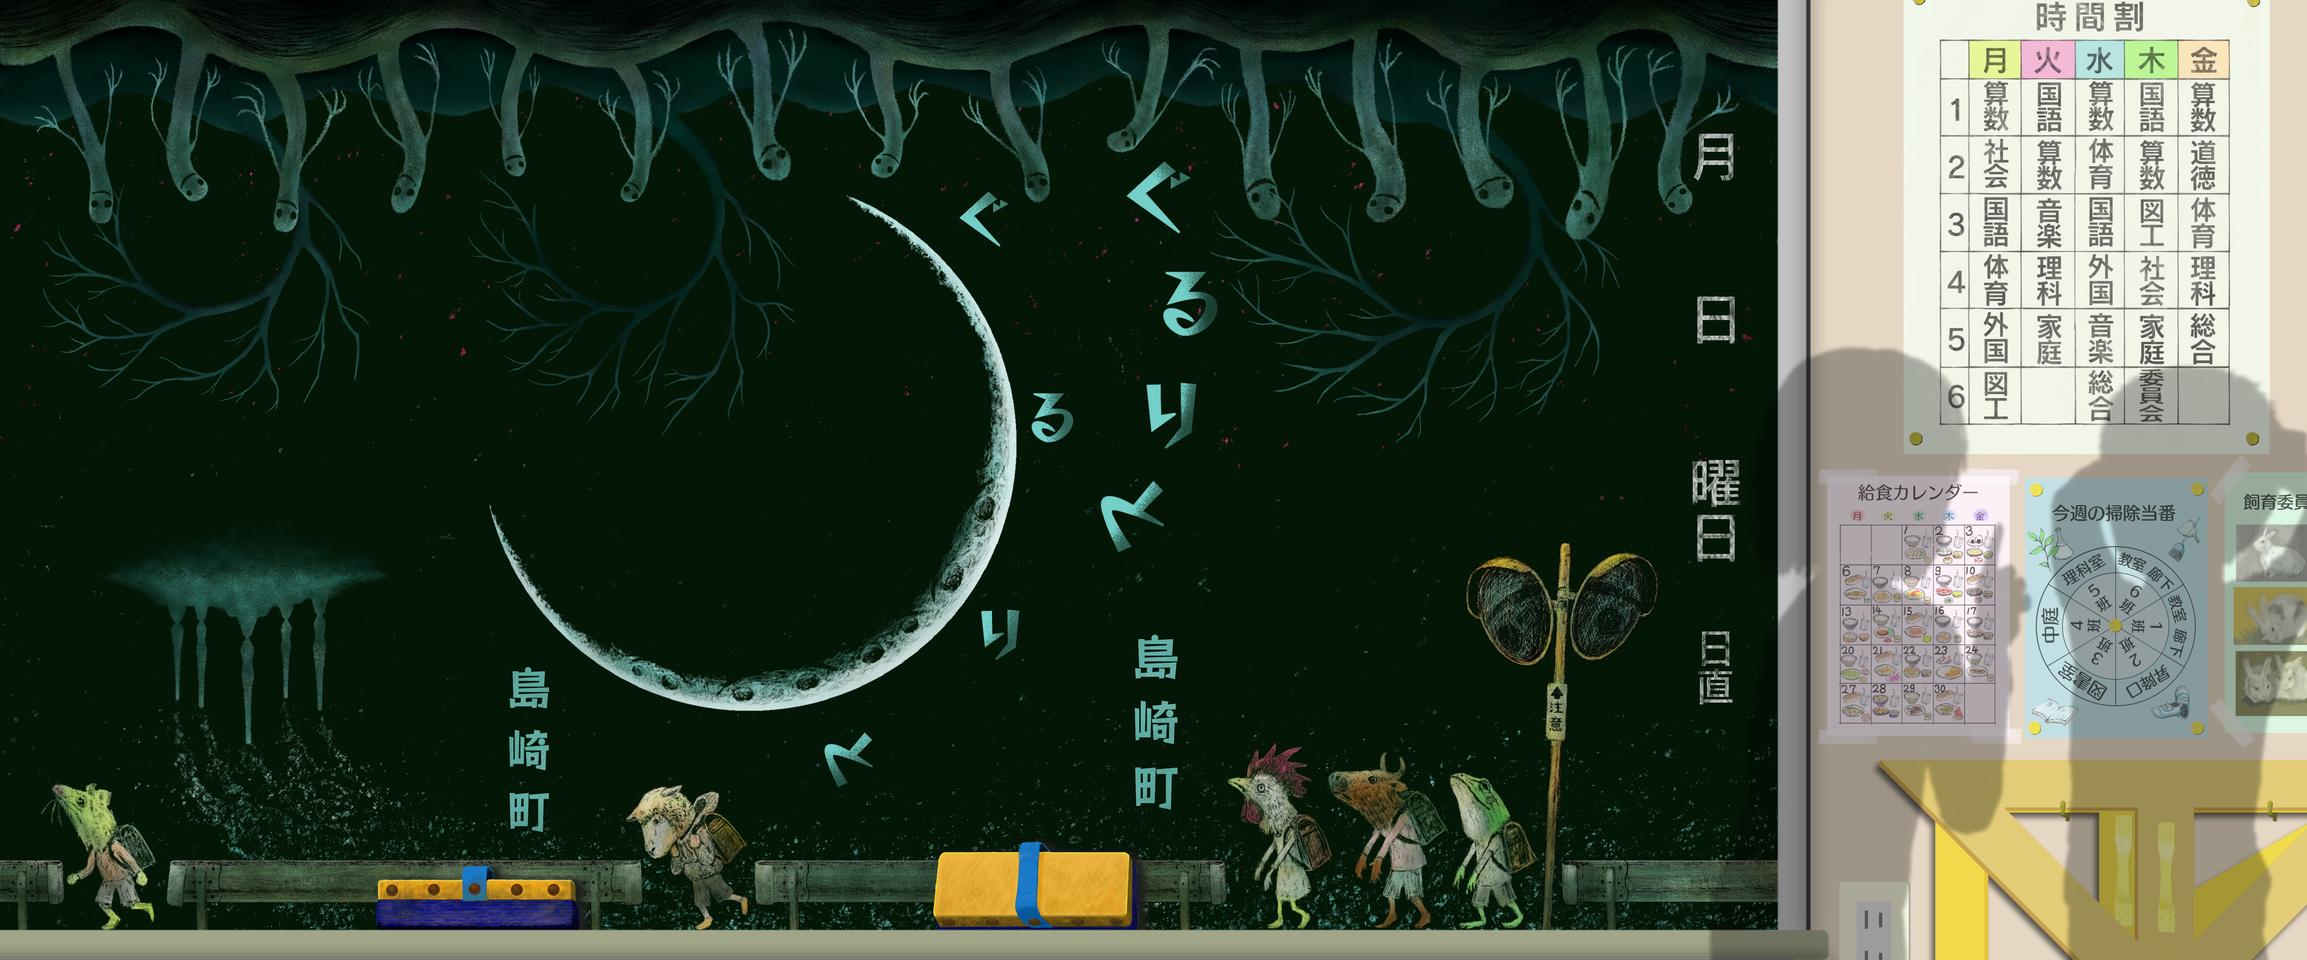 ぐるりと--三日月-- Illust of Khakiびわ Spinning_contest